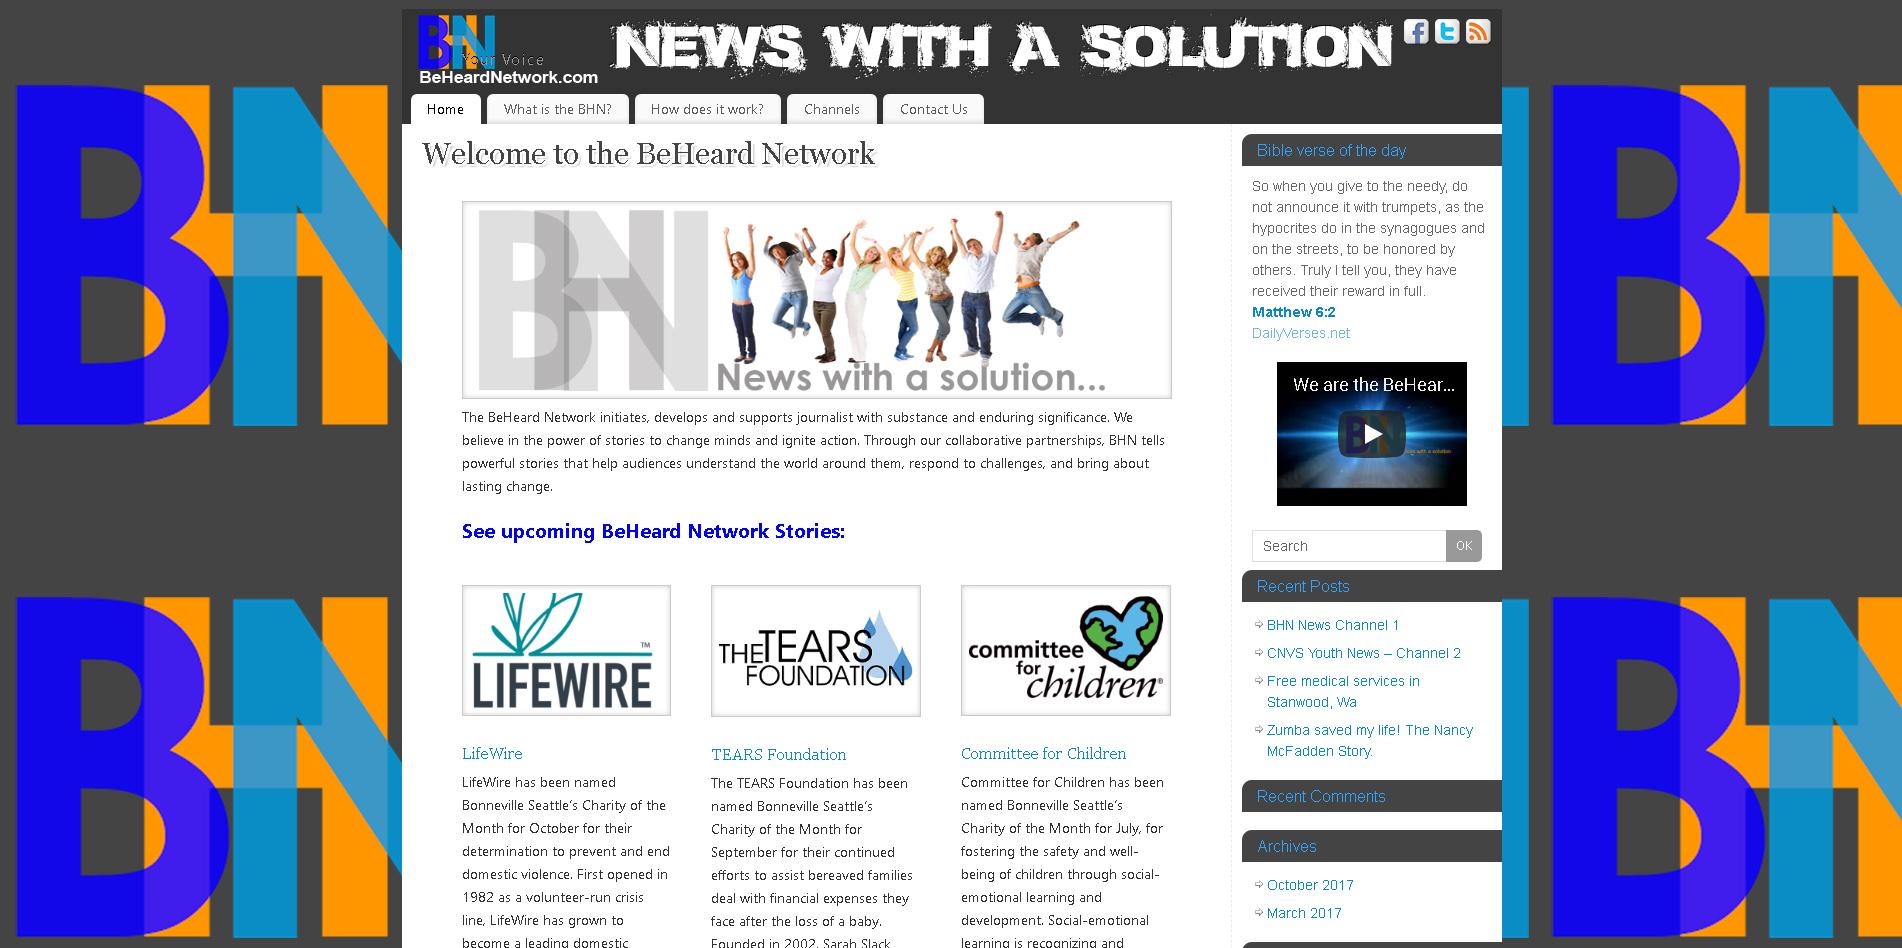 BeHeard Network News